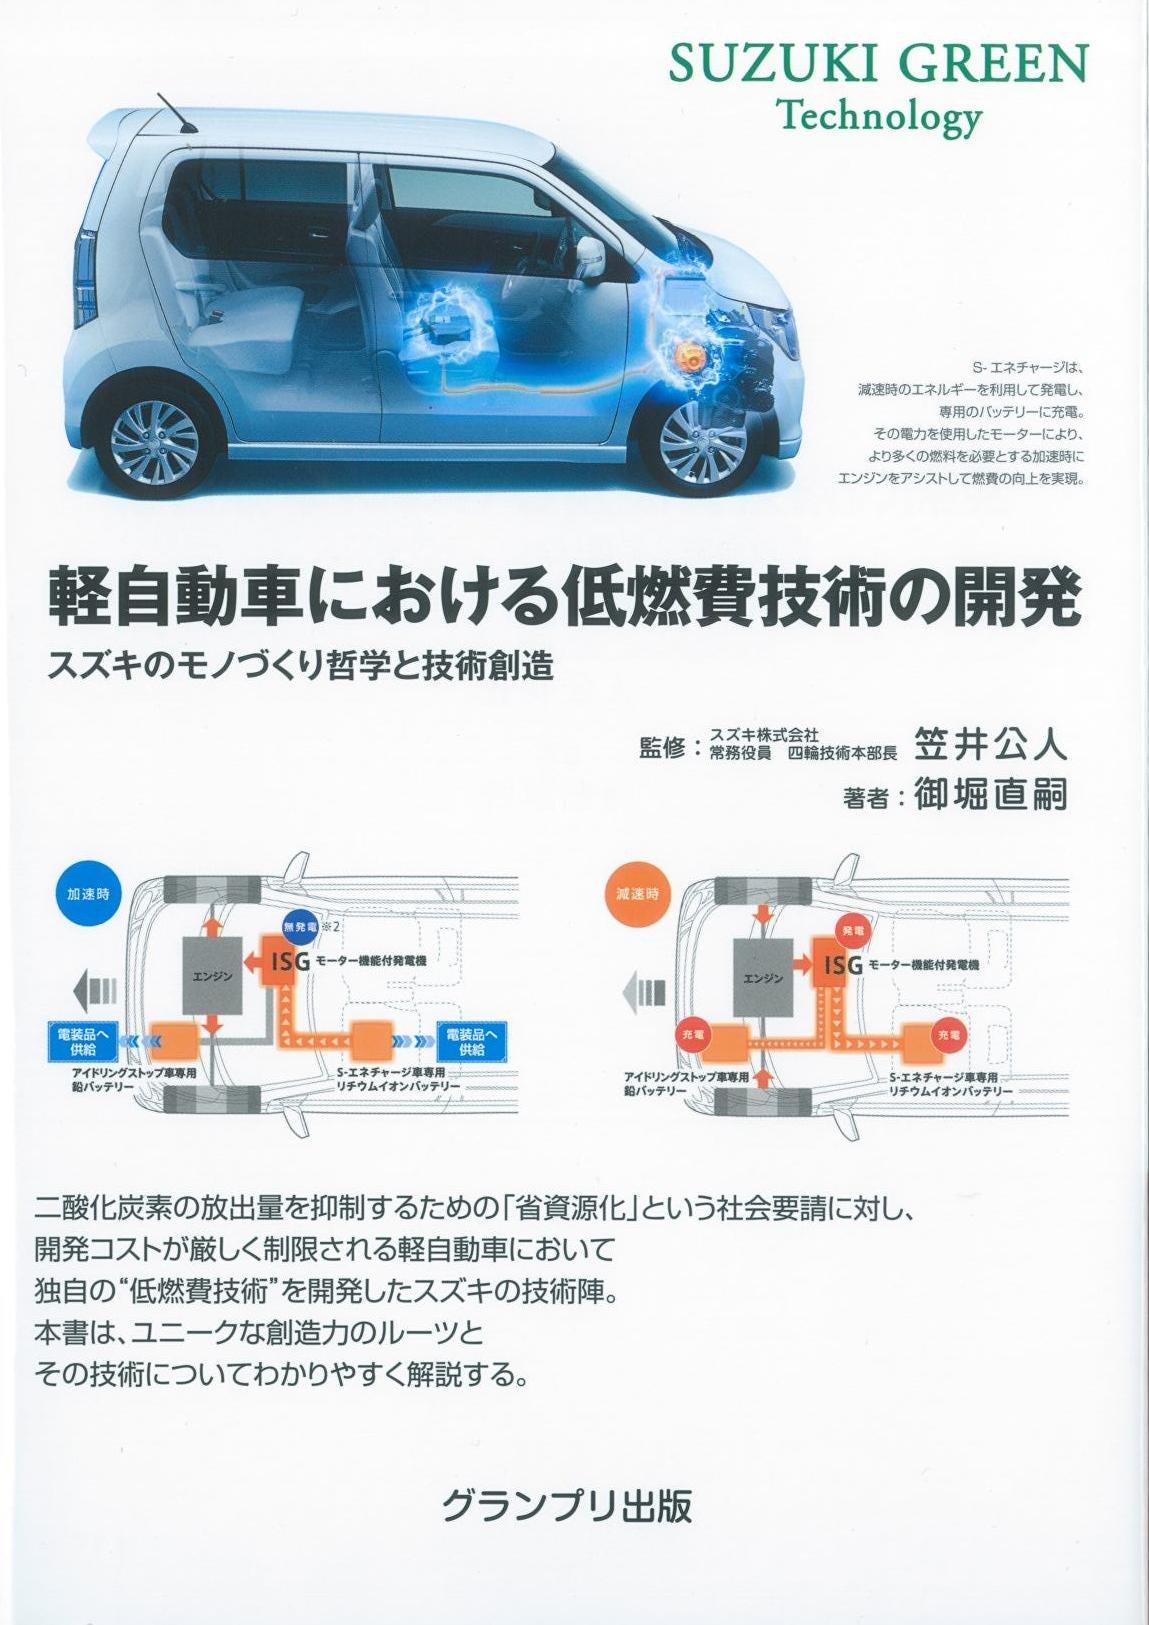 『軽自動車における低燃費技術の開発 スズキのモノづくり哲学と技術創造』(グランプリ出版)